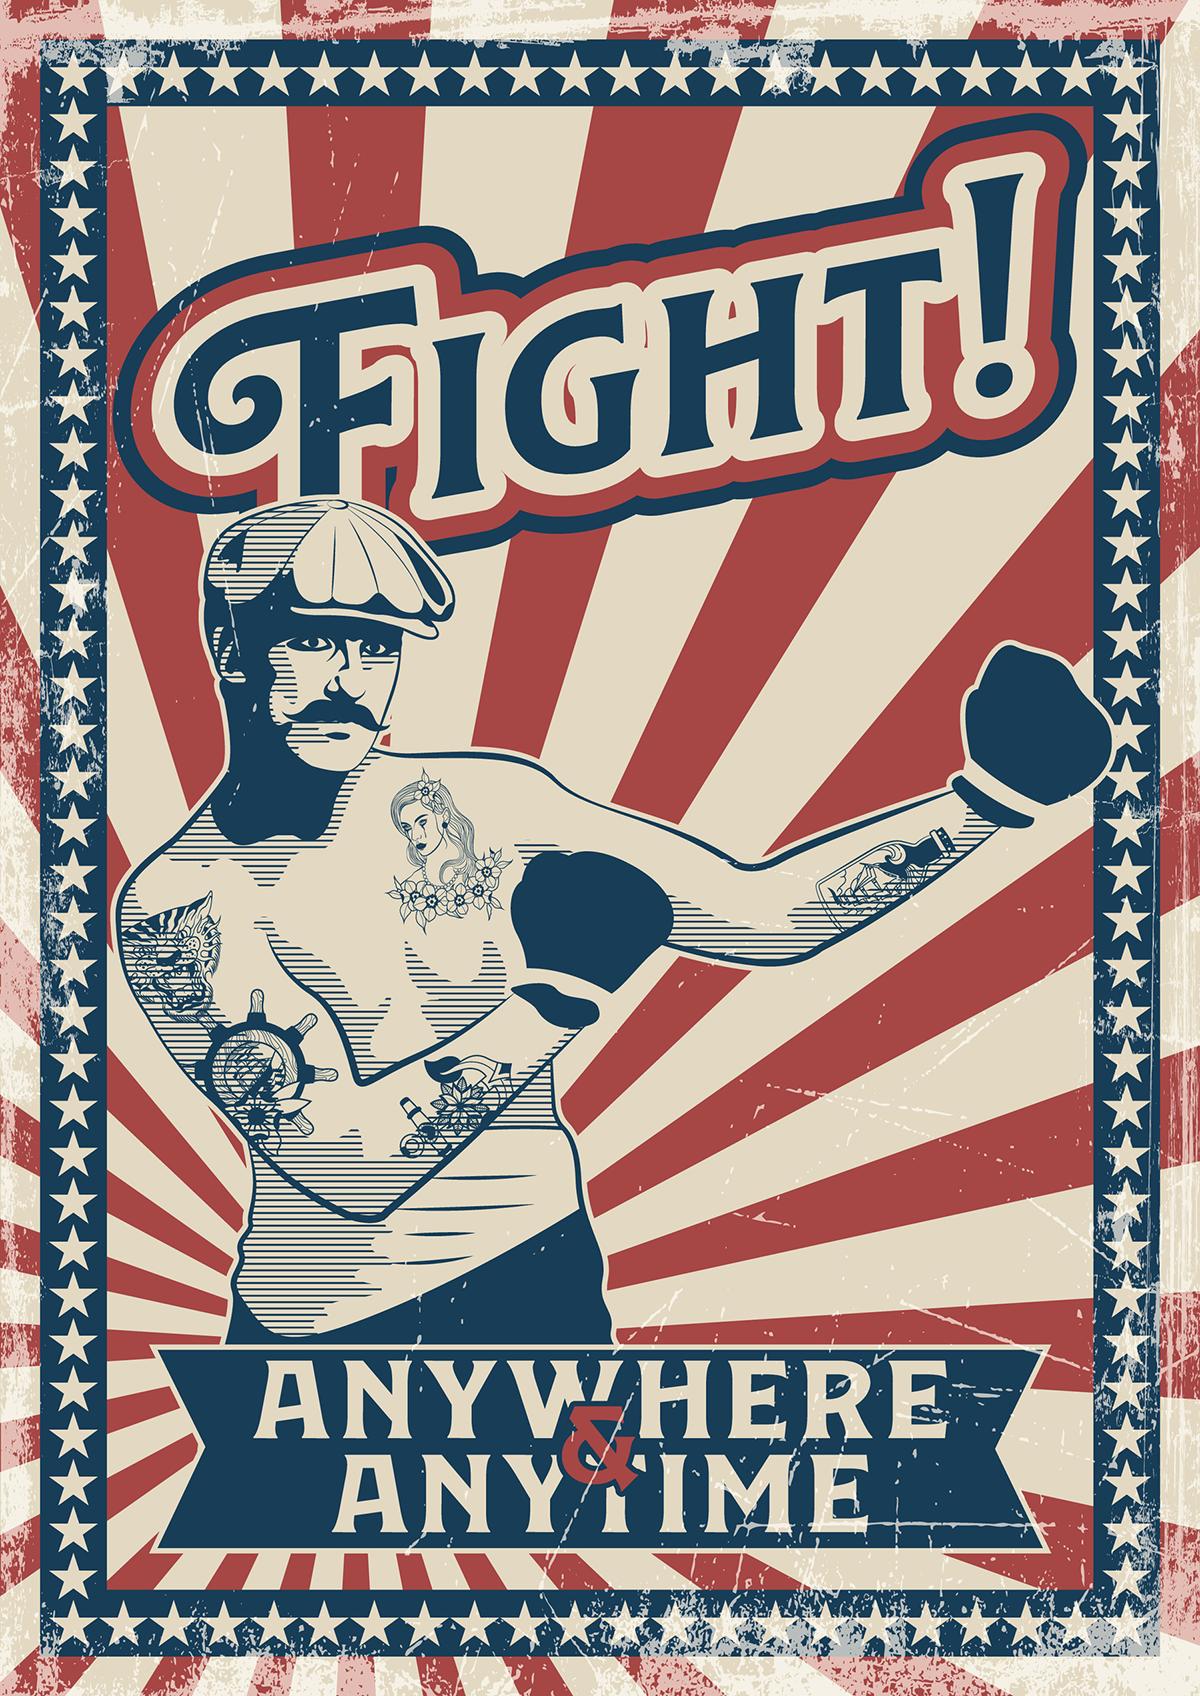 Fight - Anywhere - Anytime - Bild: svekloid|Shutterstock.com